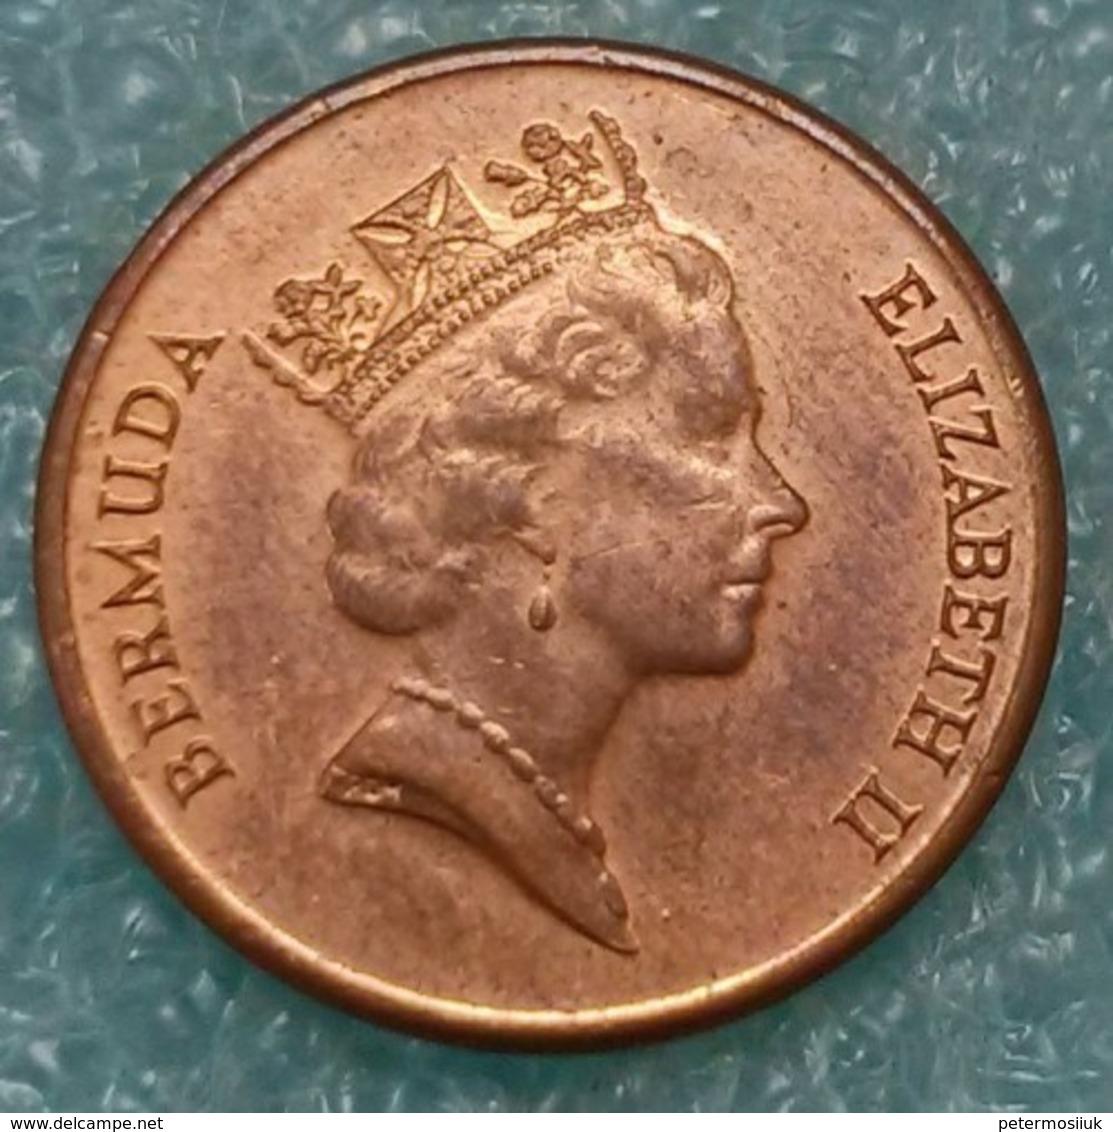 Bermuda 1 Cent, 1997 ↓price↓ - Bermudes